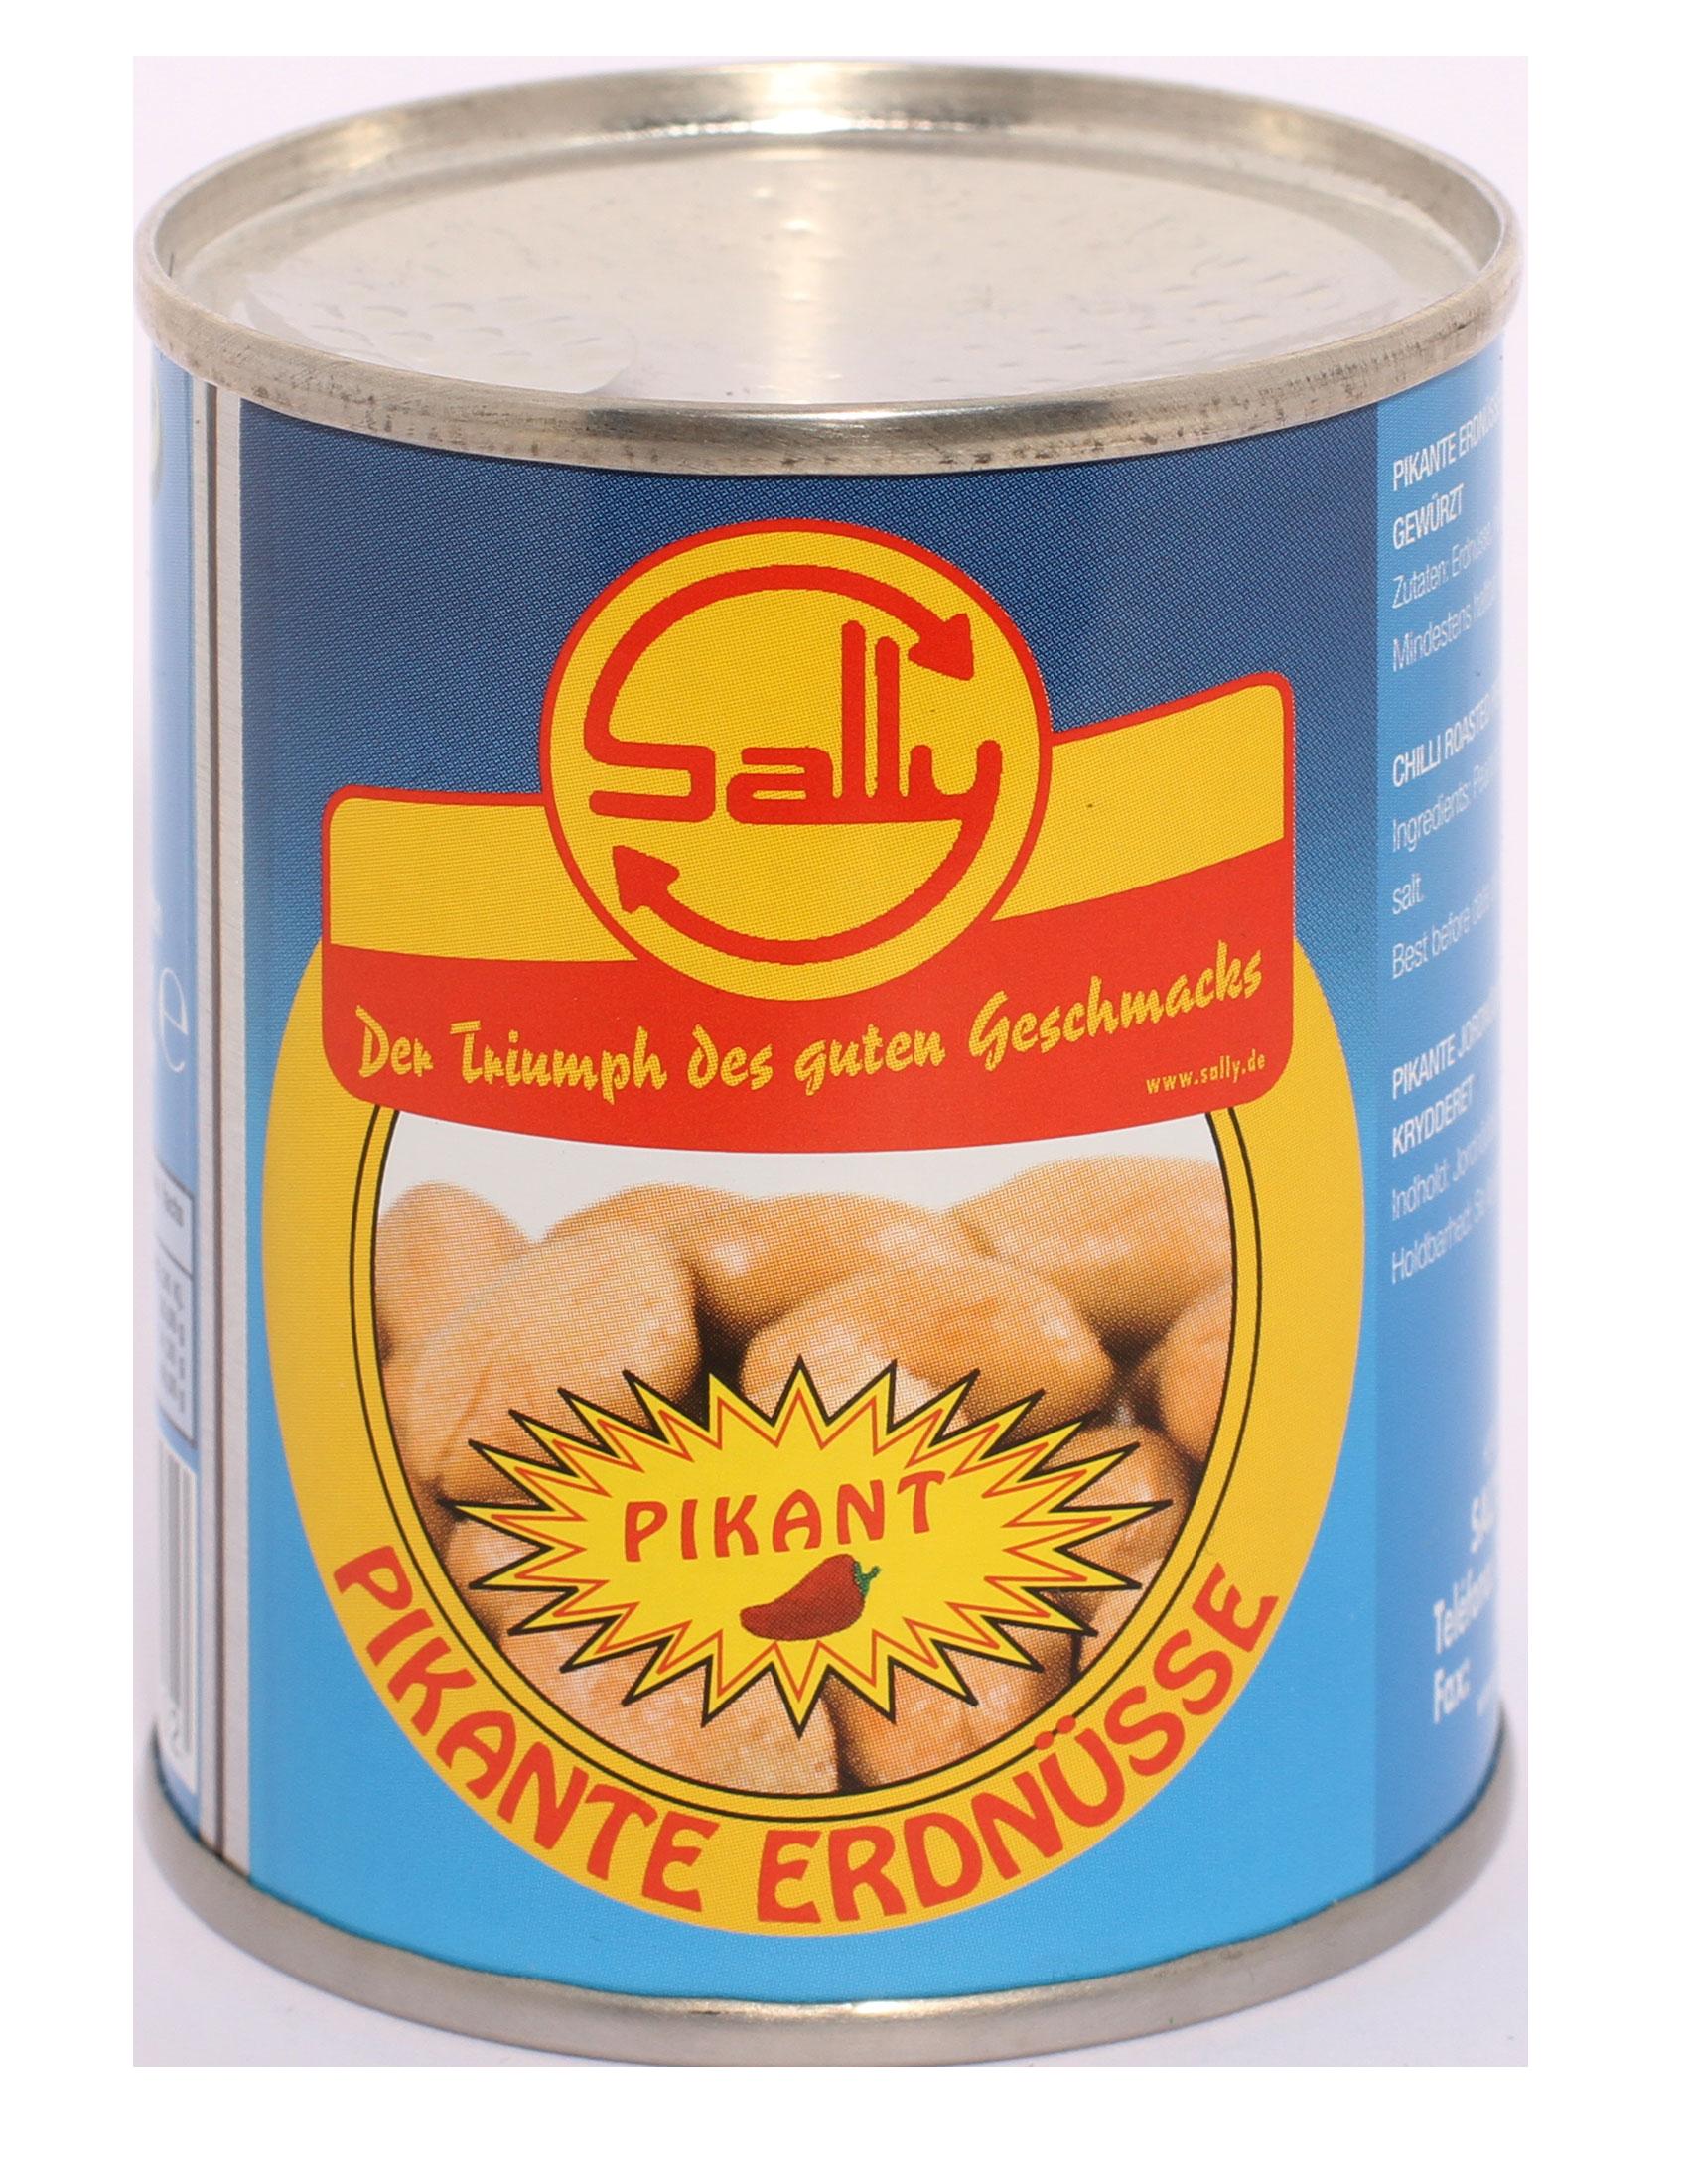 Erdnüsse, pikant / Art.Nr.1629